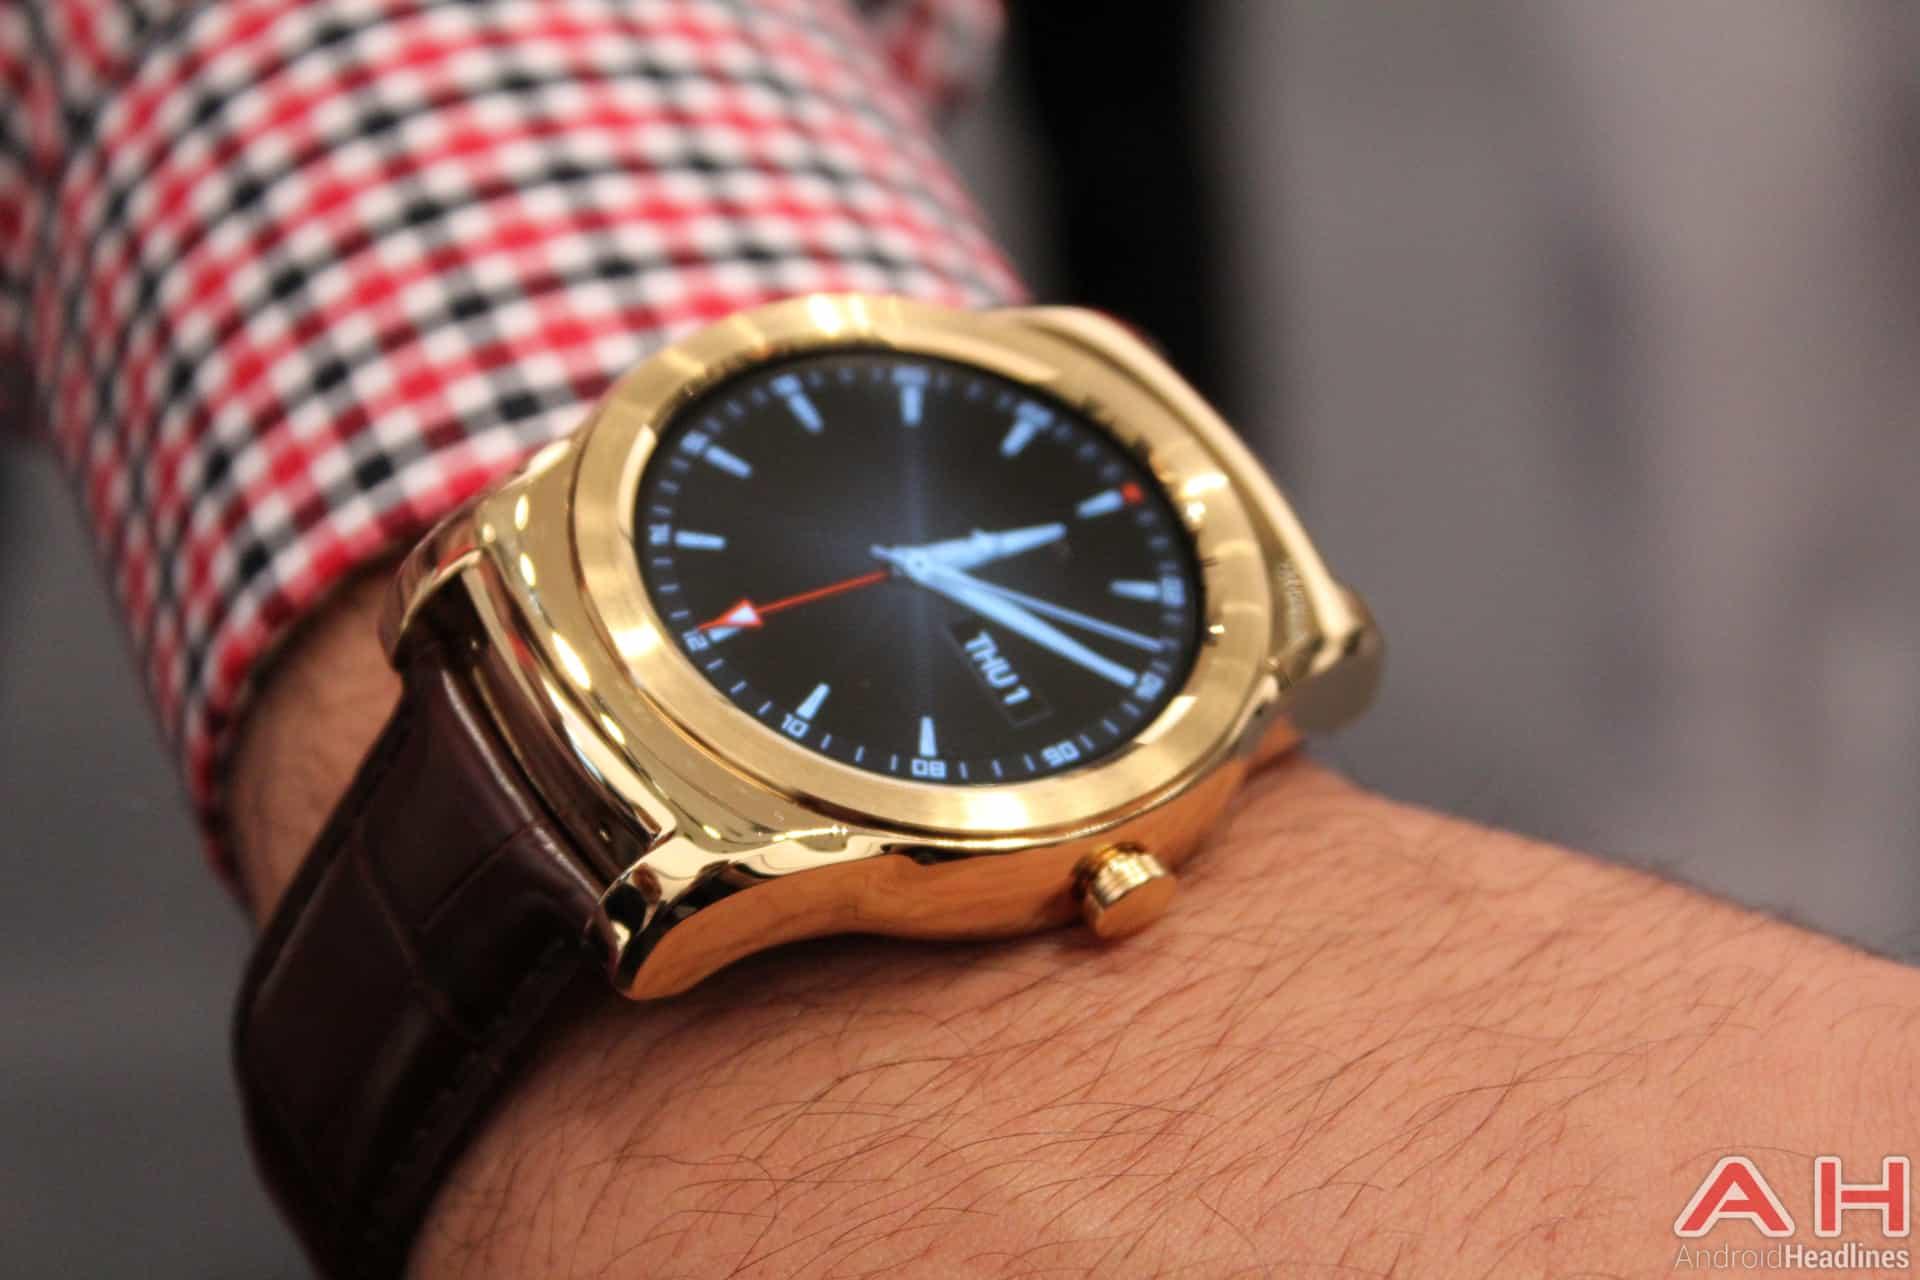 LG Watch Urbane Luxe AH 2